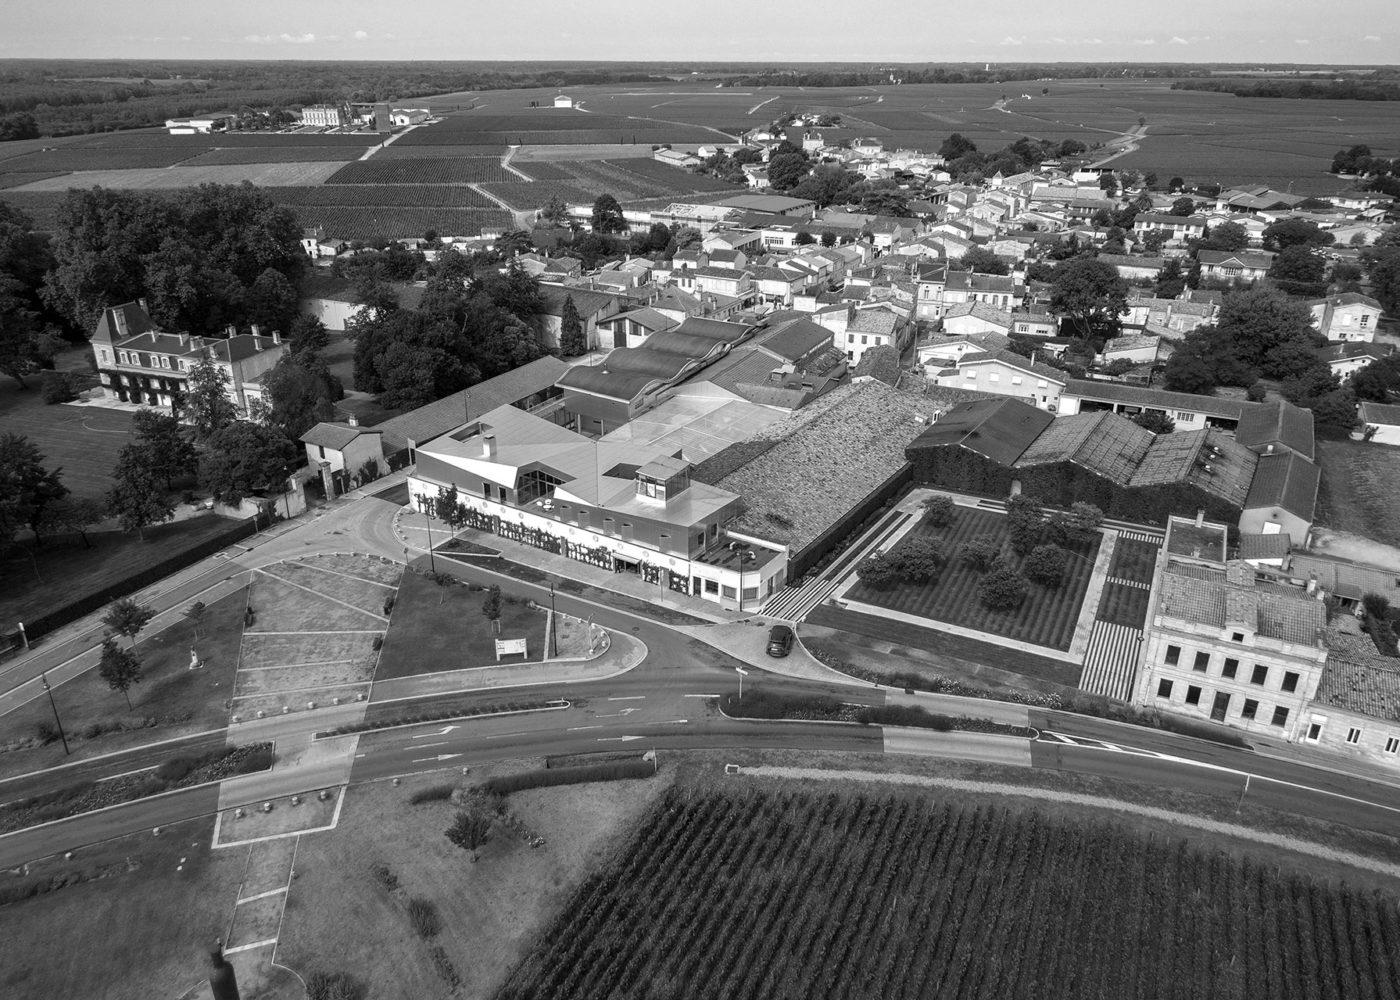 Vue du ciel Domaines Martin Saint-Julien